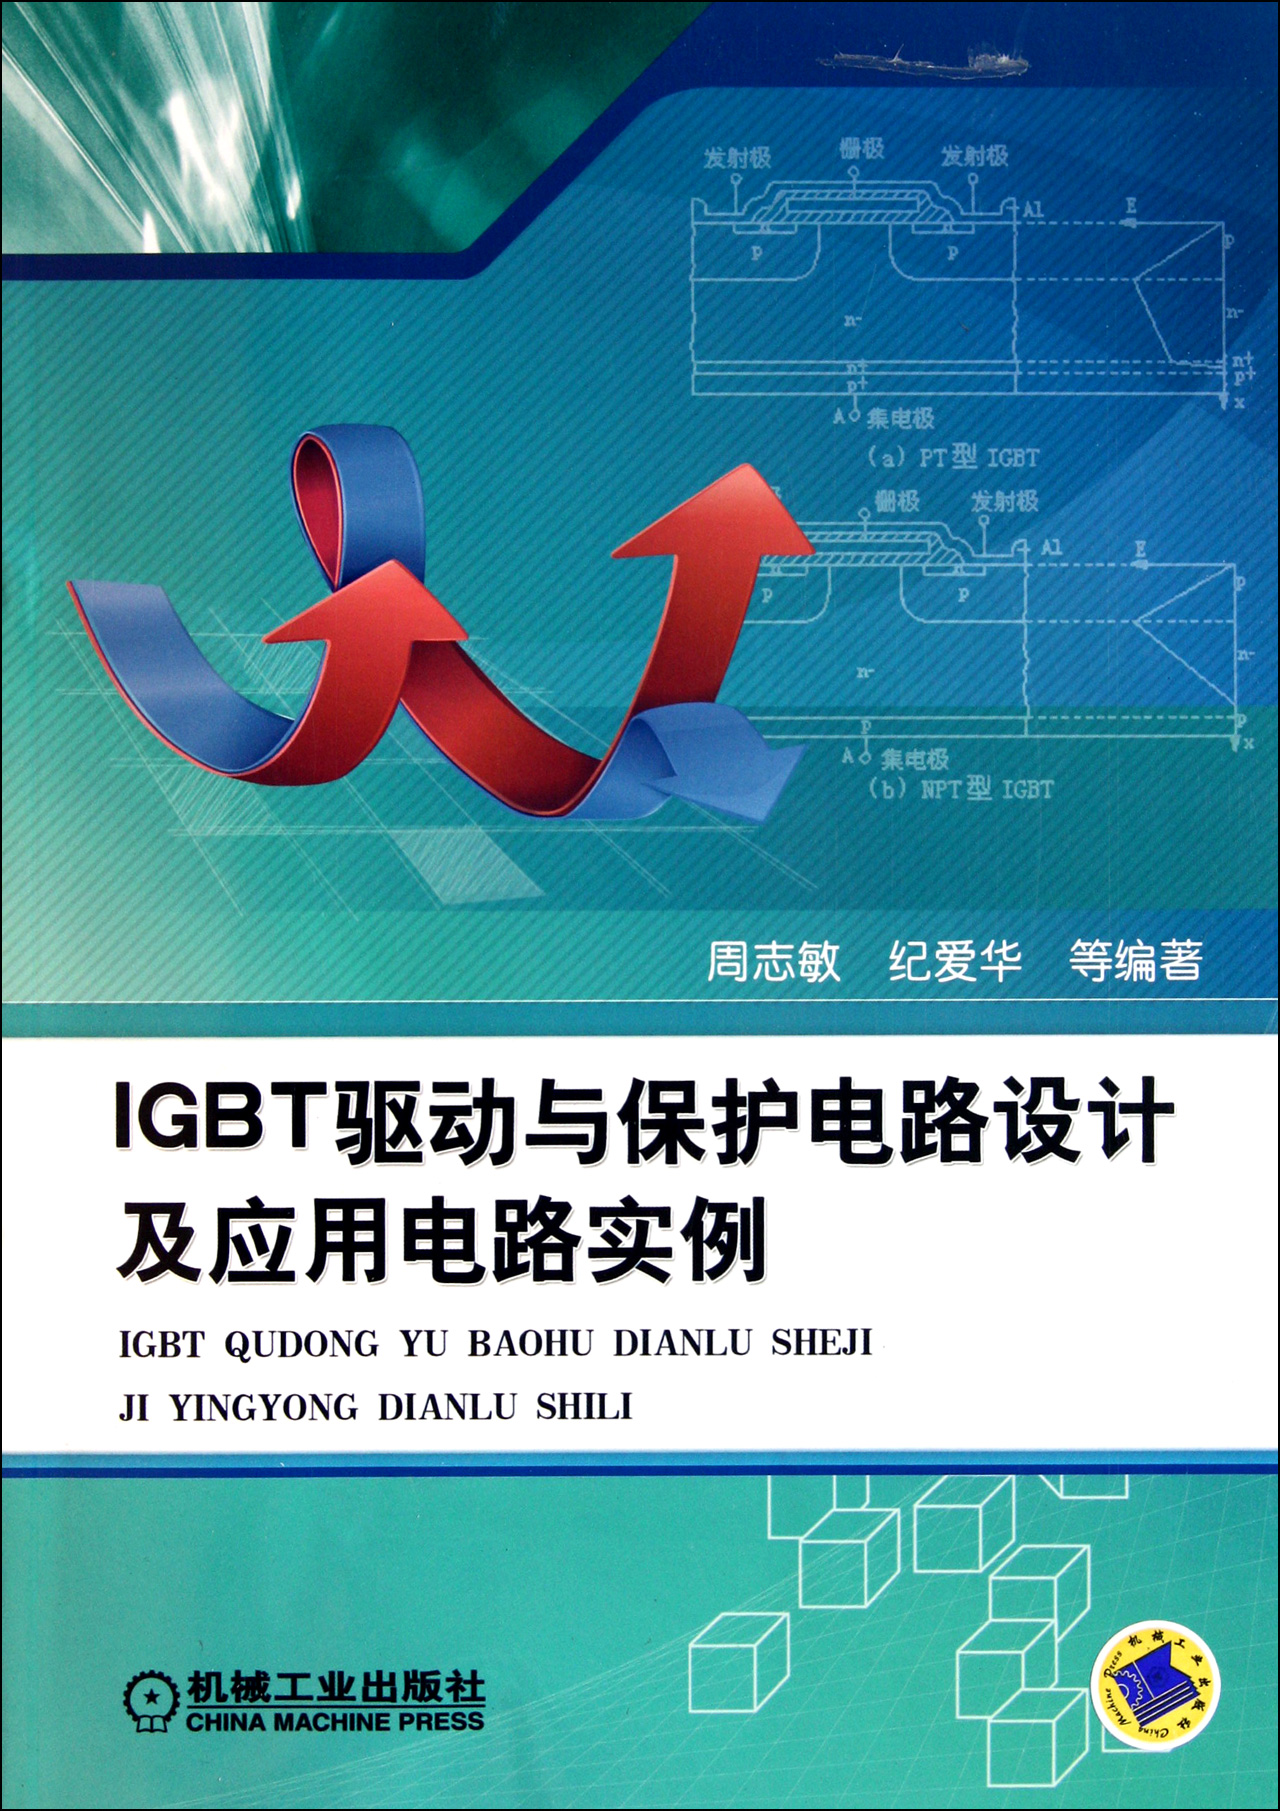 前言 第1章 IGBT的发展历程与发展趋势 1.1 IGBT的发展历程 1.1.1 电力电子器件的发展 1.1.2 IGBT的发展 1.2 IGBT的发展趋势 1.2.1 ICBT器件的研发 1.2.2 IGBT模块的发展趋势 第2章 IGBT的结构和工作特性 2.1 IGBT结构及特性 2.1.1 IGBT的结构与工作原理 2.1.2 IGBT的基本特性 2.